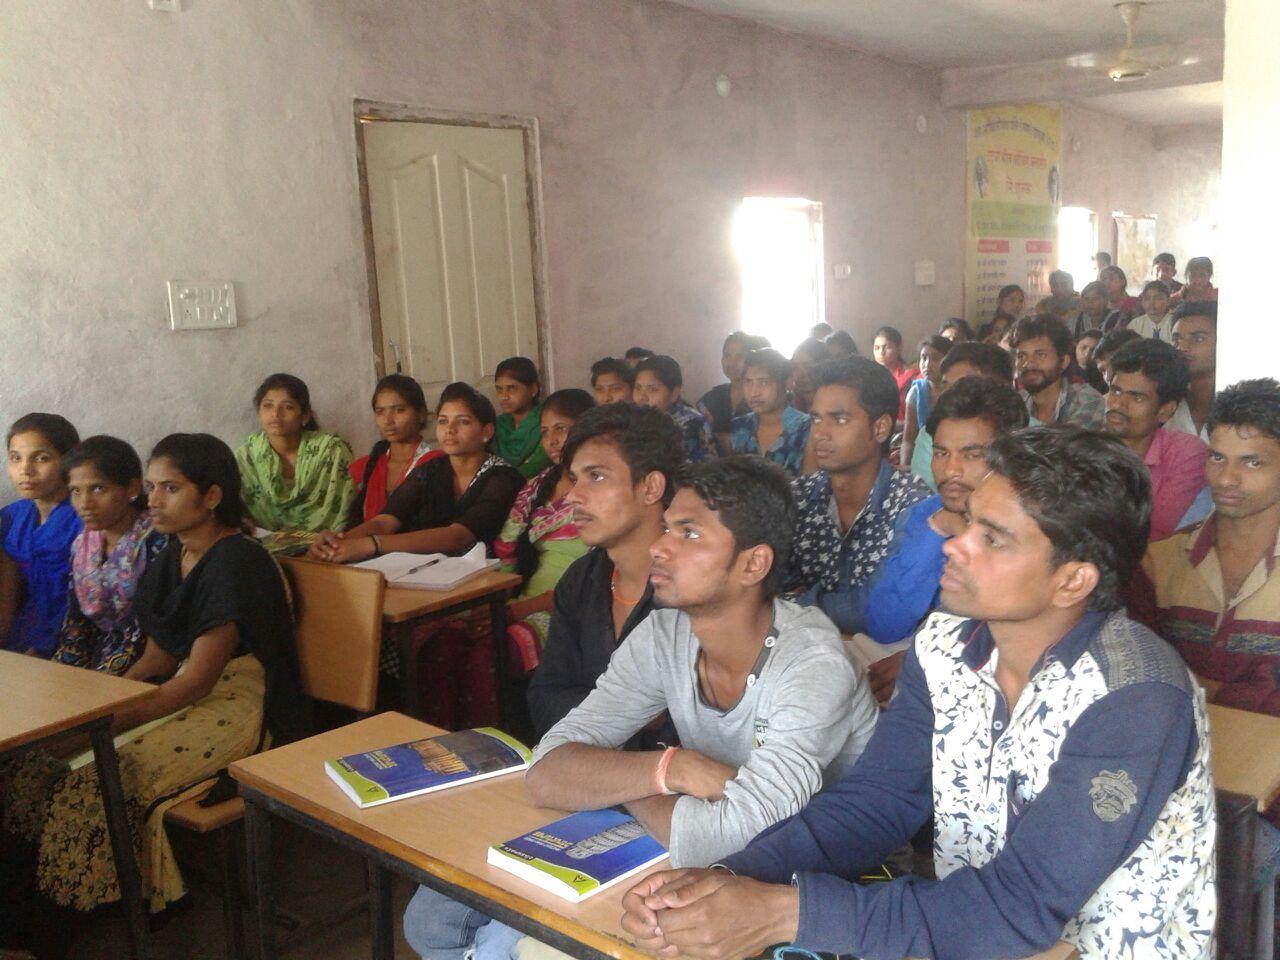 Eklavya Tantya Bhil started the free coaching classes-एकलव्य टंट्या भील निःशुल्क कोचिंग क्लासेस का हुआ शुभारम्भ